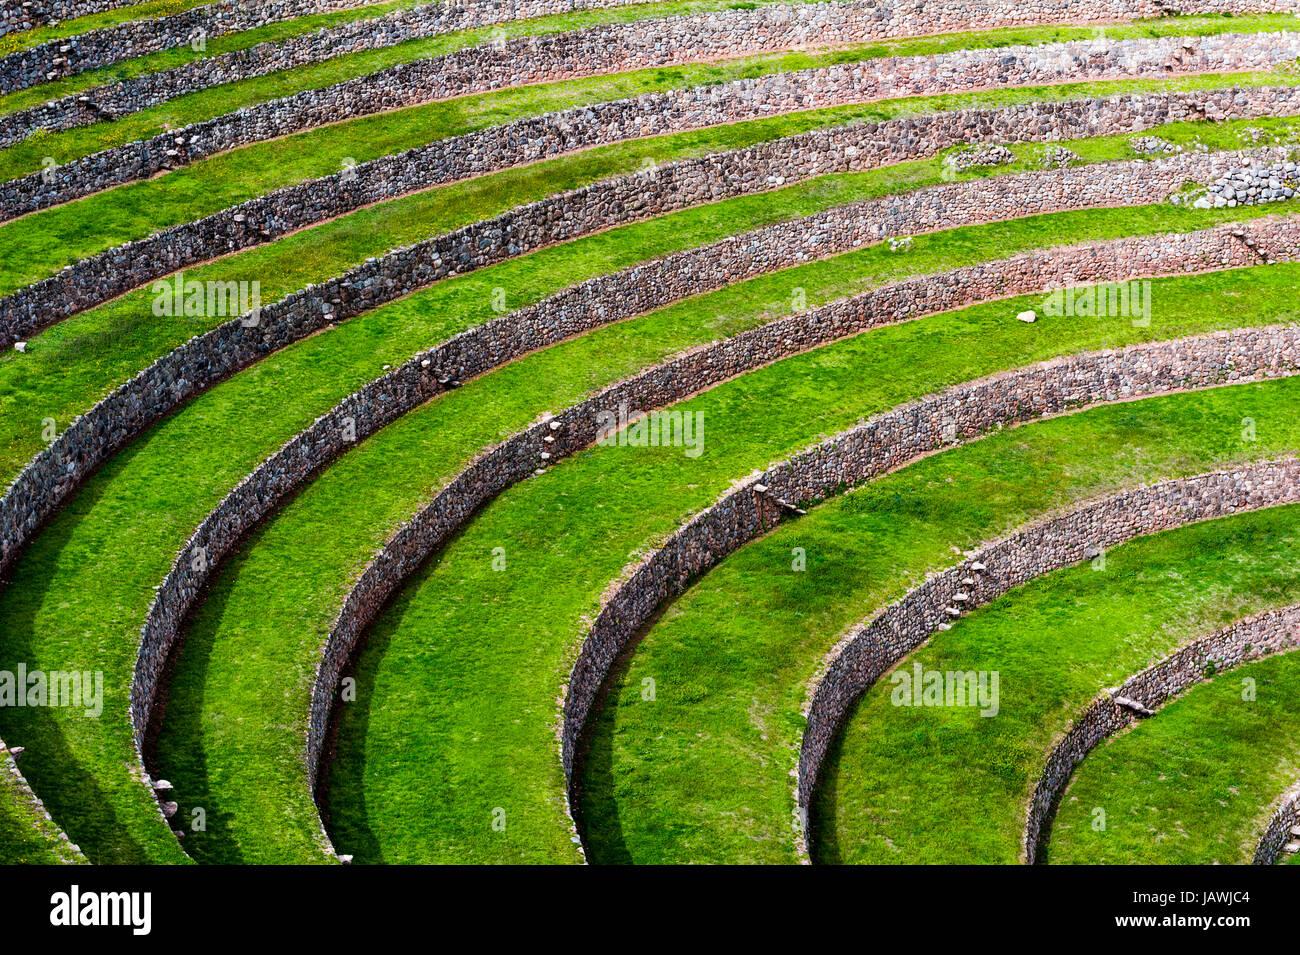 Un Sitio Inca Con Muro De Piedra De Terrazas Para El Cultivo